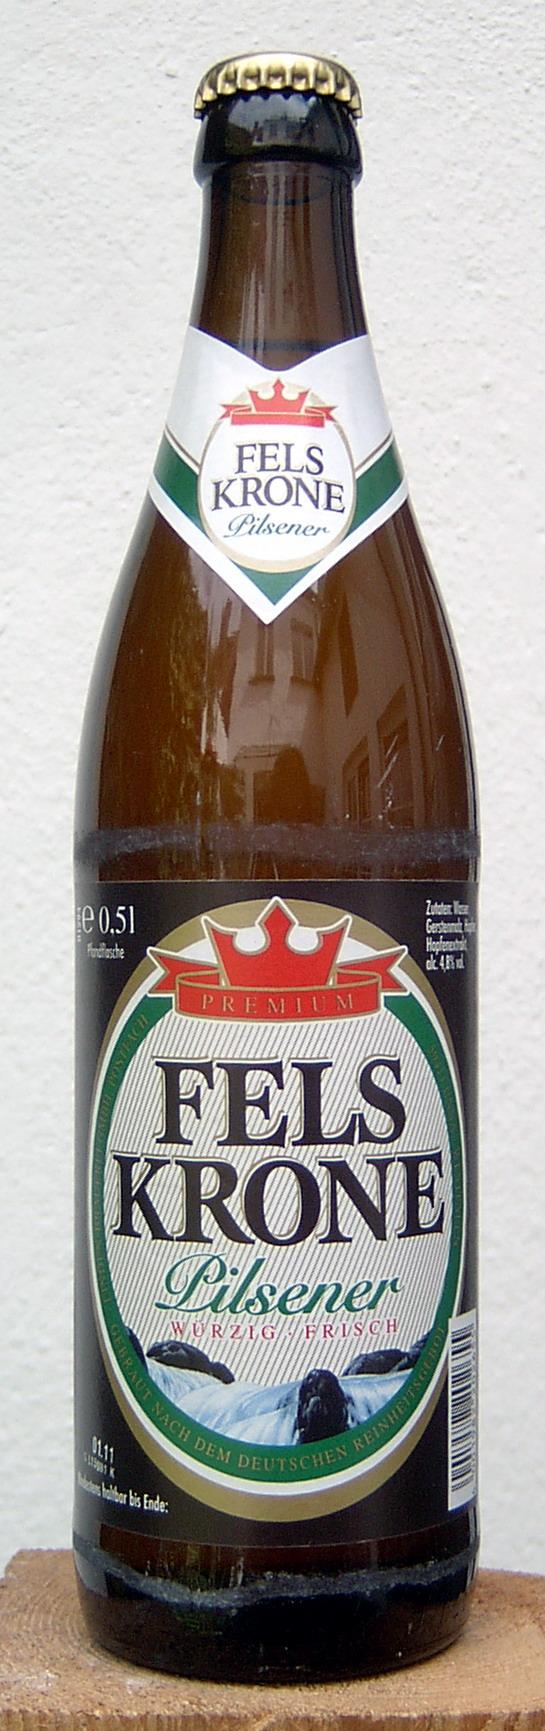 Bierverkostung.de - Felskrone Pilsener